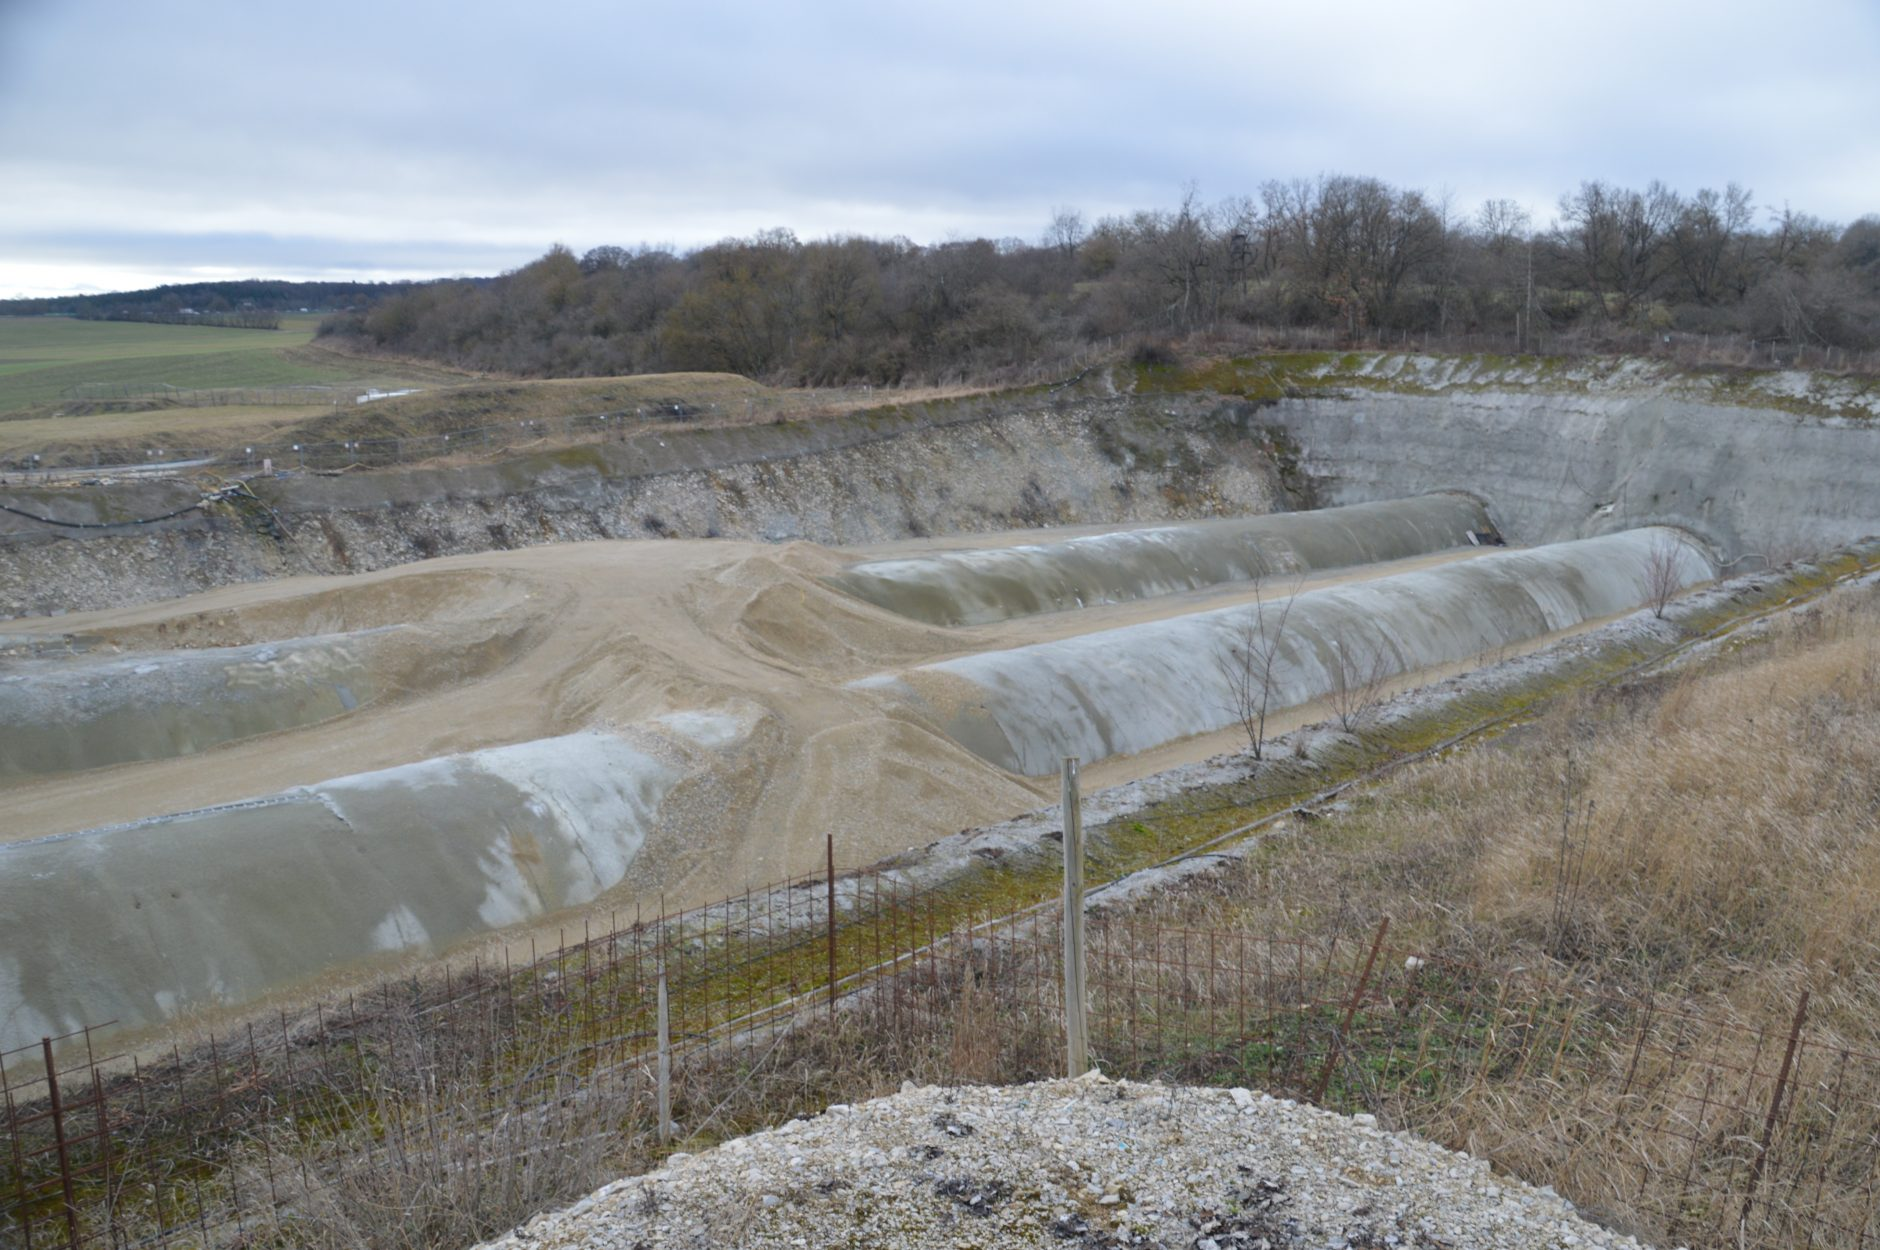 Offene Tunnelbauweise – die Tunnelröhren sind fertig, die Grube wird wieder verfüllt